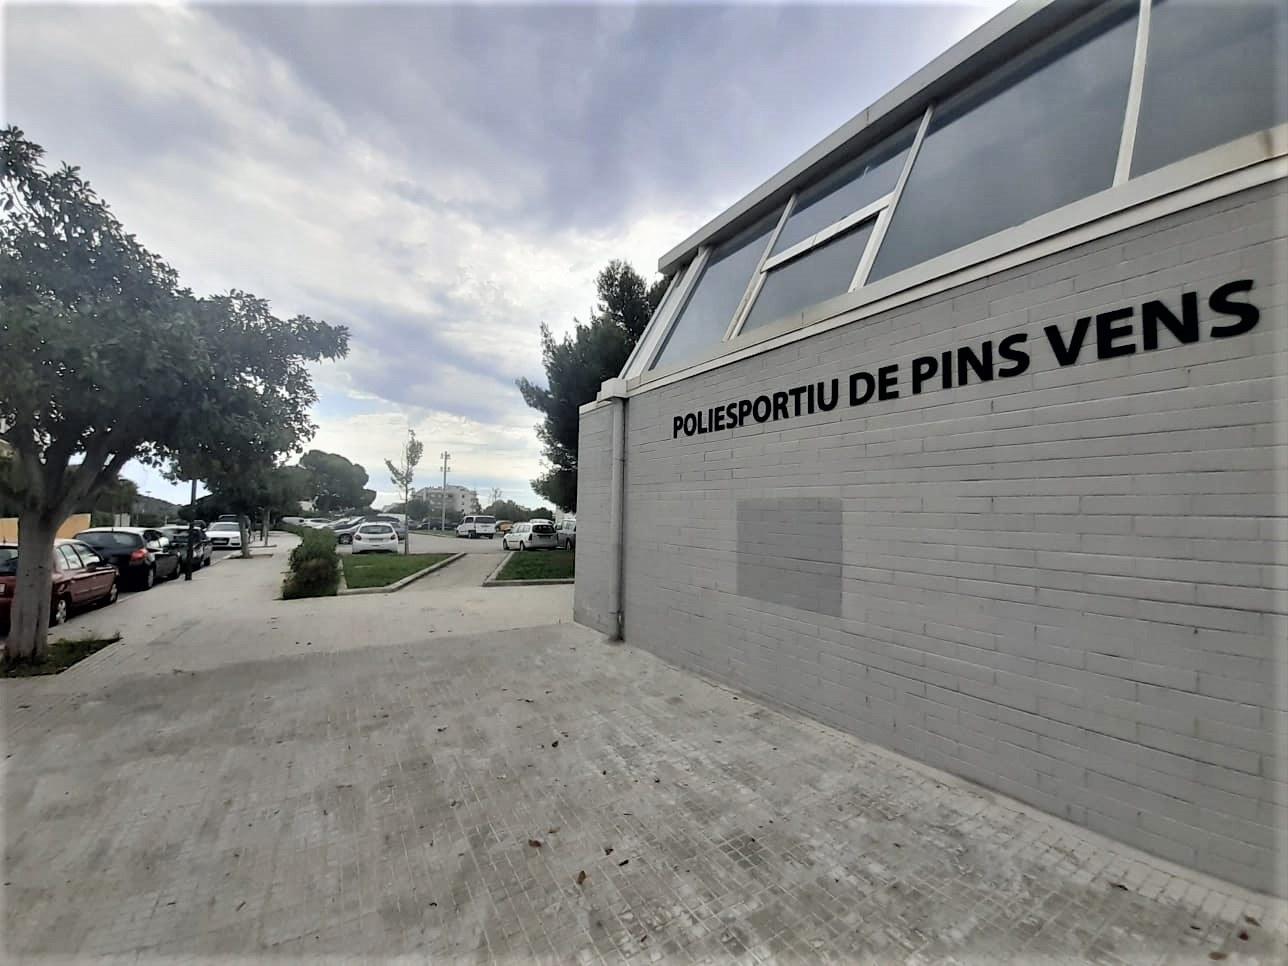 L'Ajuntament restitueix el projecte d'aparcament de Pins Vens